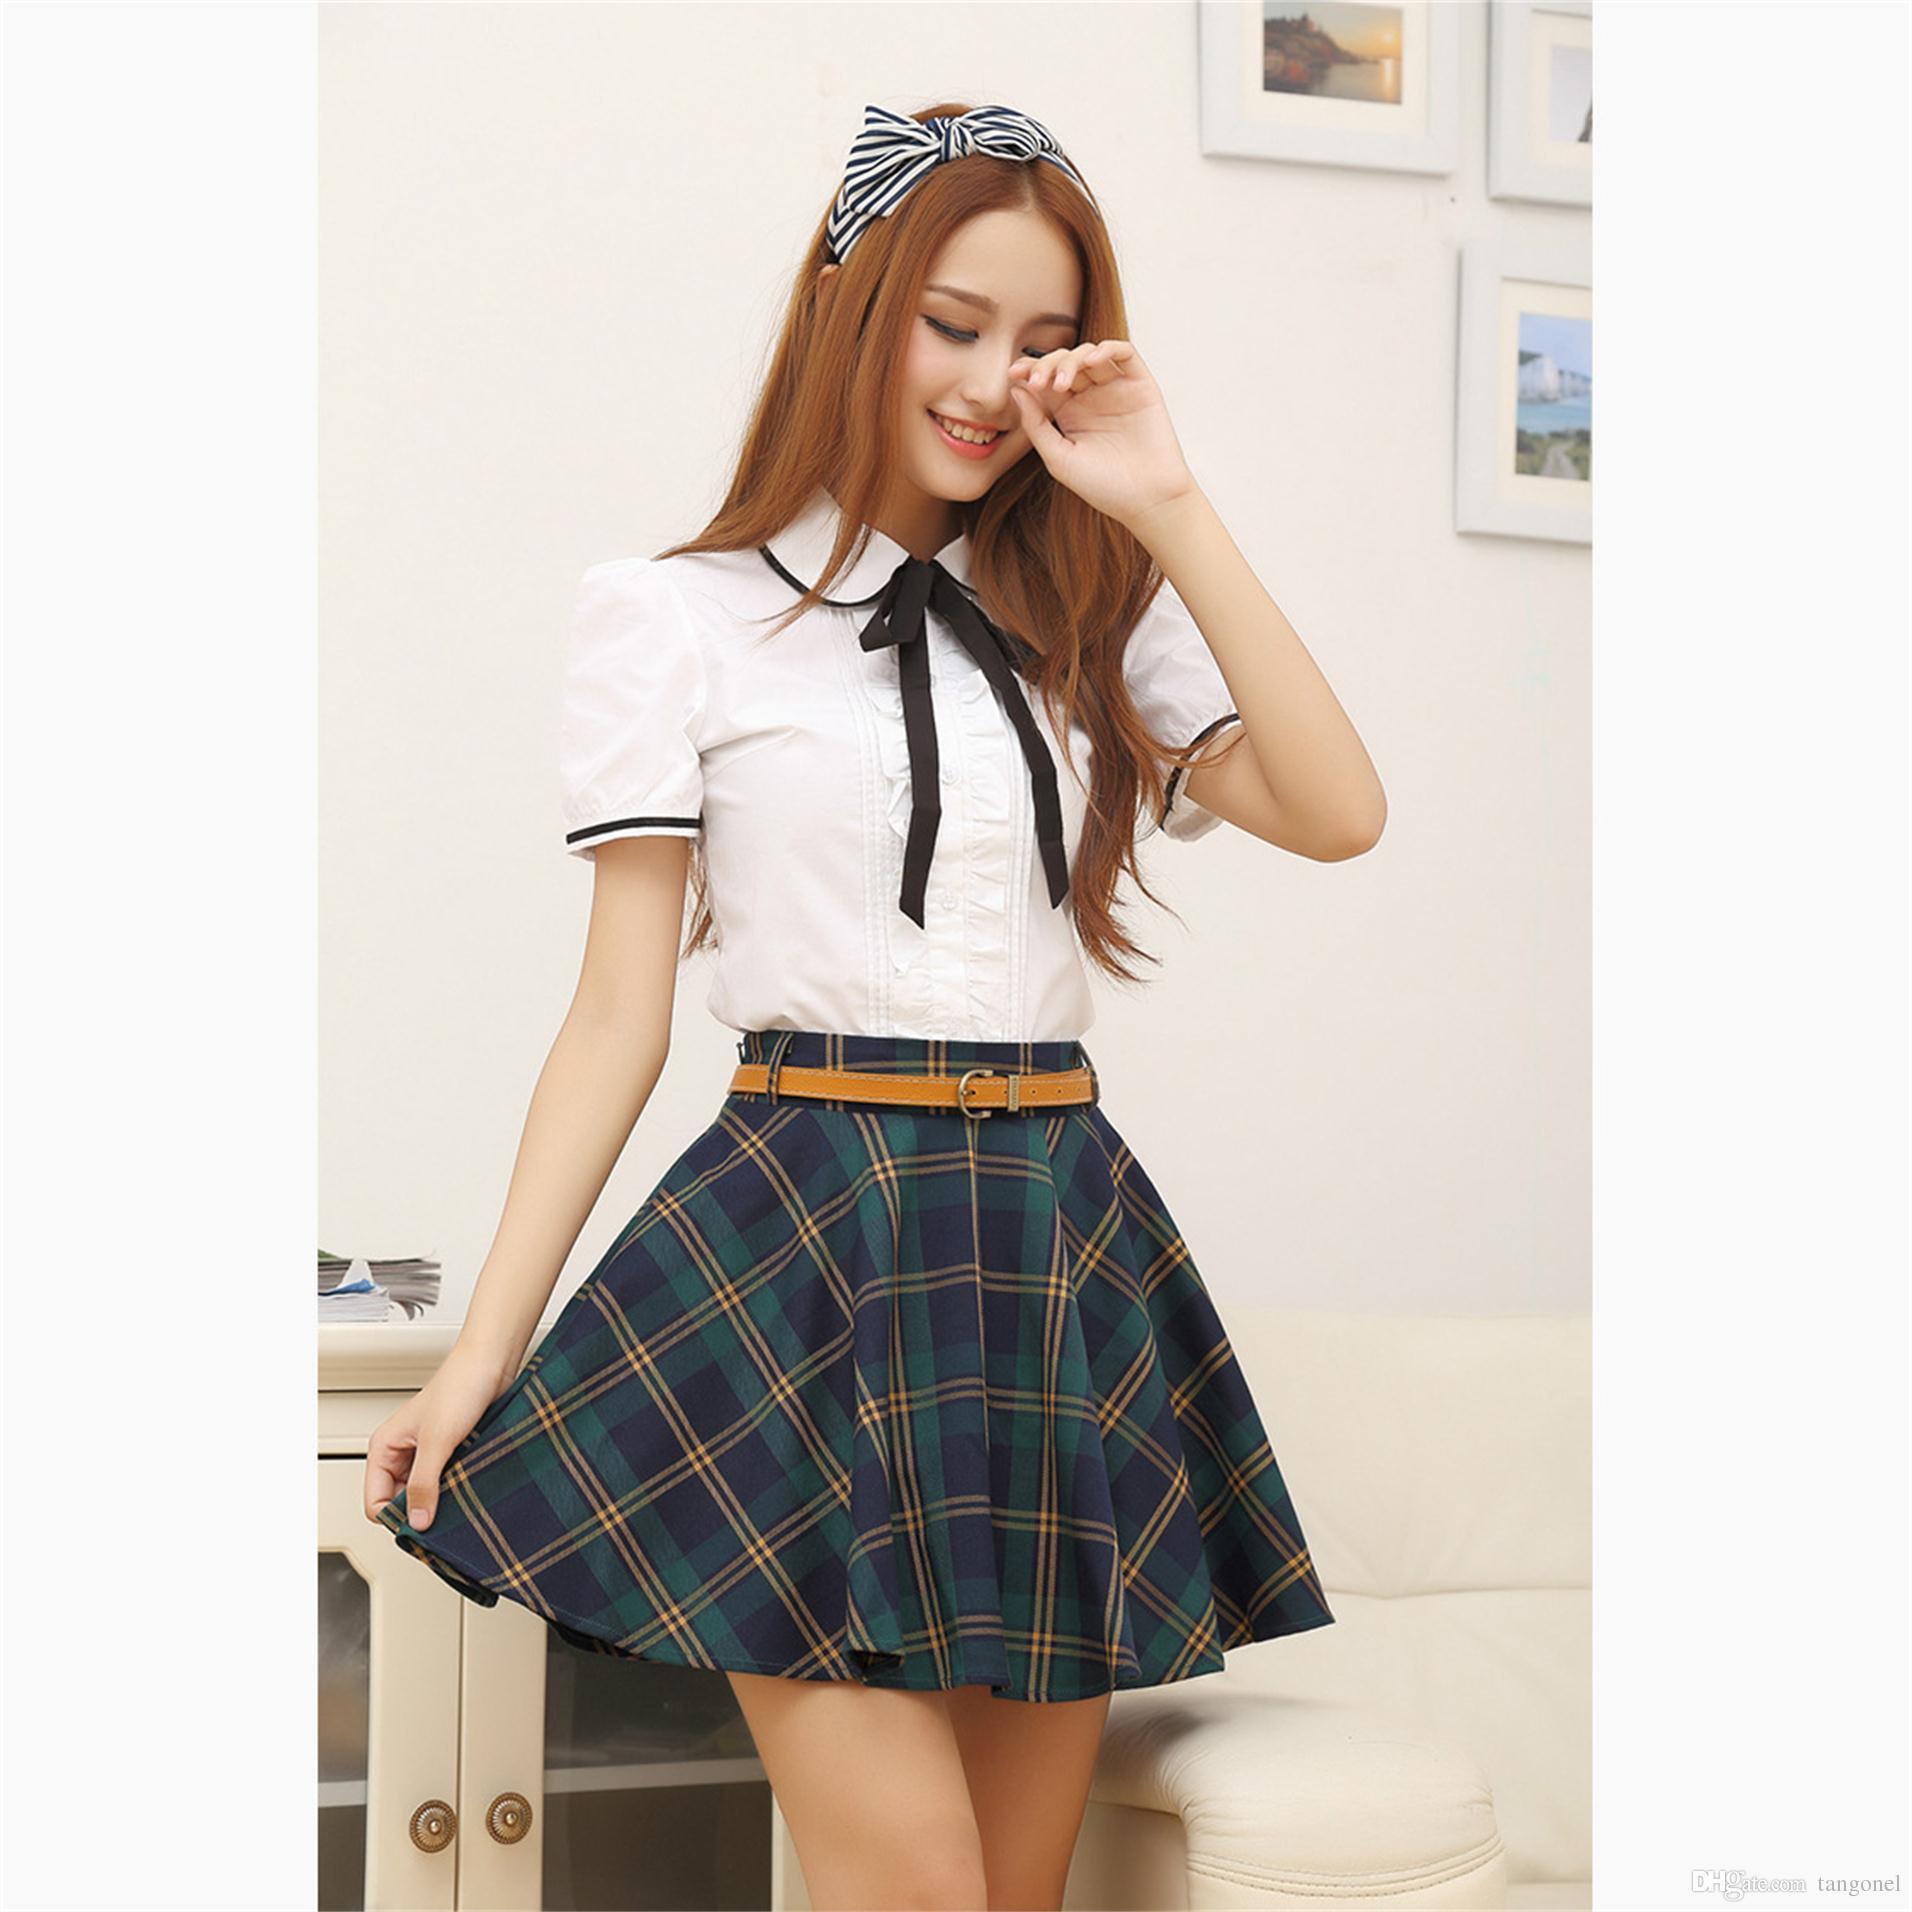 0aeea3cac4 Compre Uniforme De Niña De Escuela Japonesa Falda De Uniforme De Colegio De  Estudiante Coreano Mujeres Camisa De Encaje De Algodón Blanco + Falda  Plisada De ...